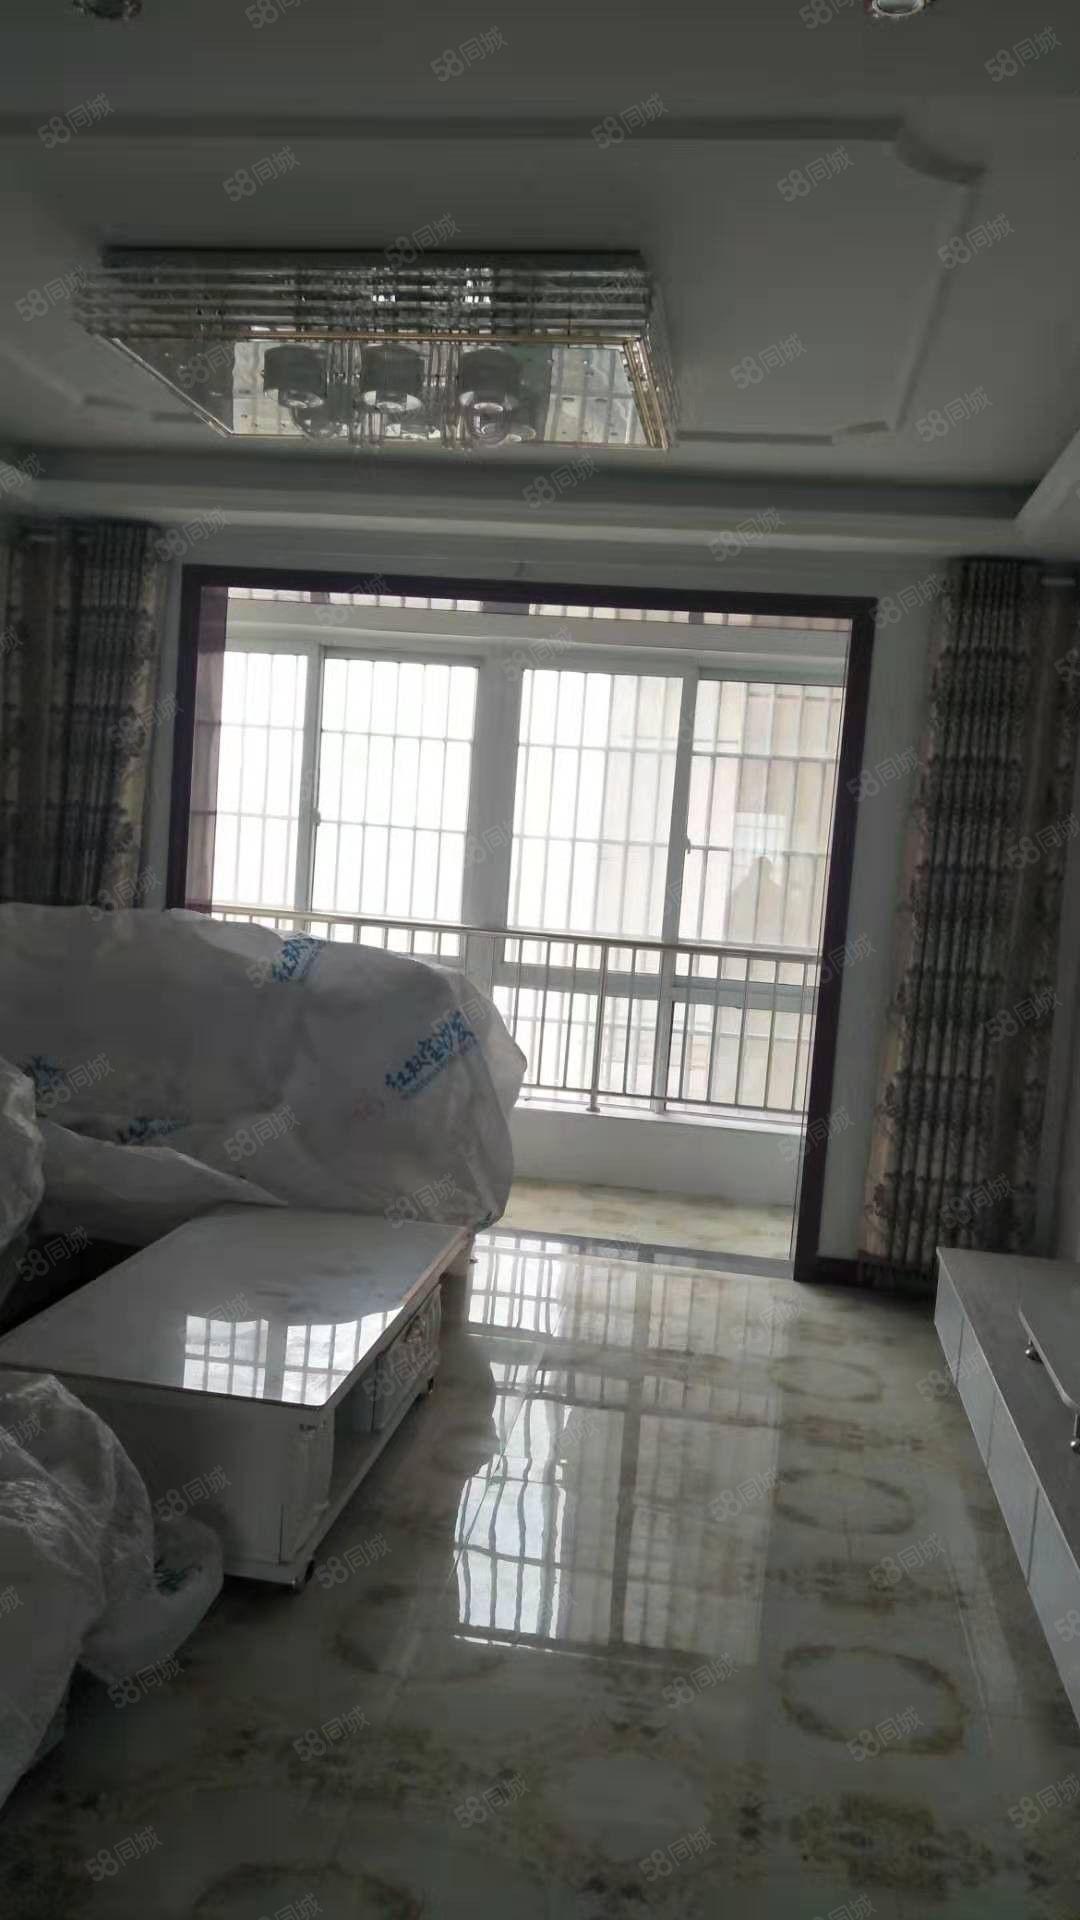 安正国际电梯中层南北通透型,好房源好户型,即买即住可按揭。